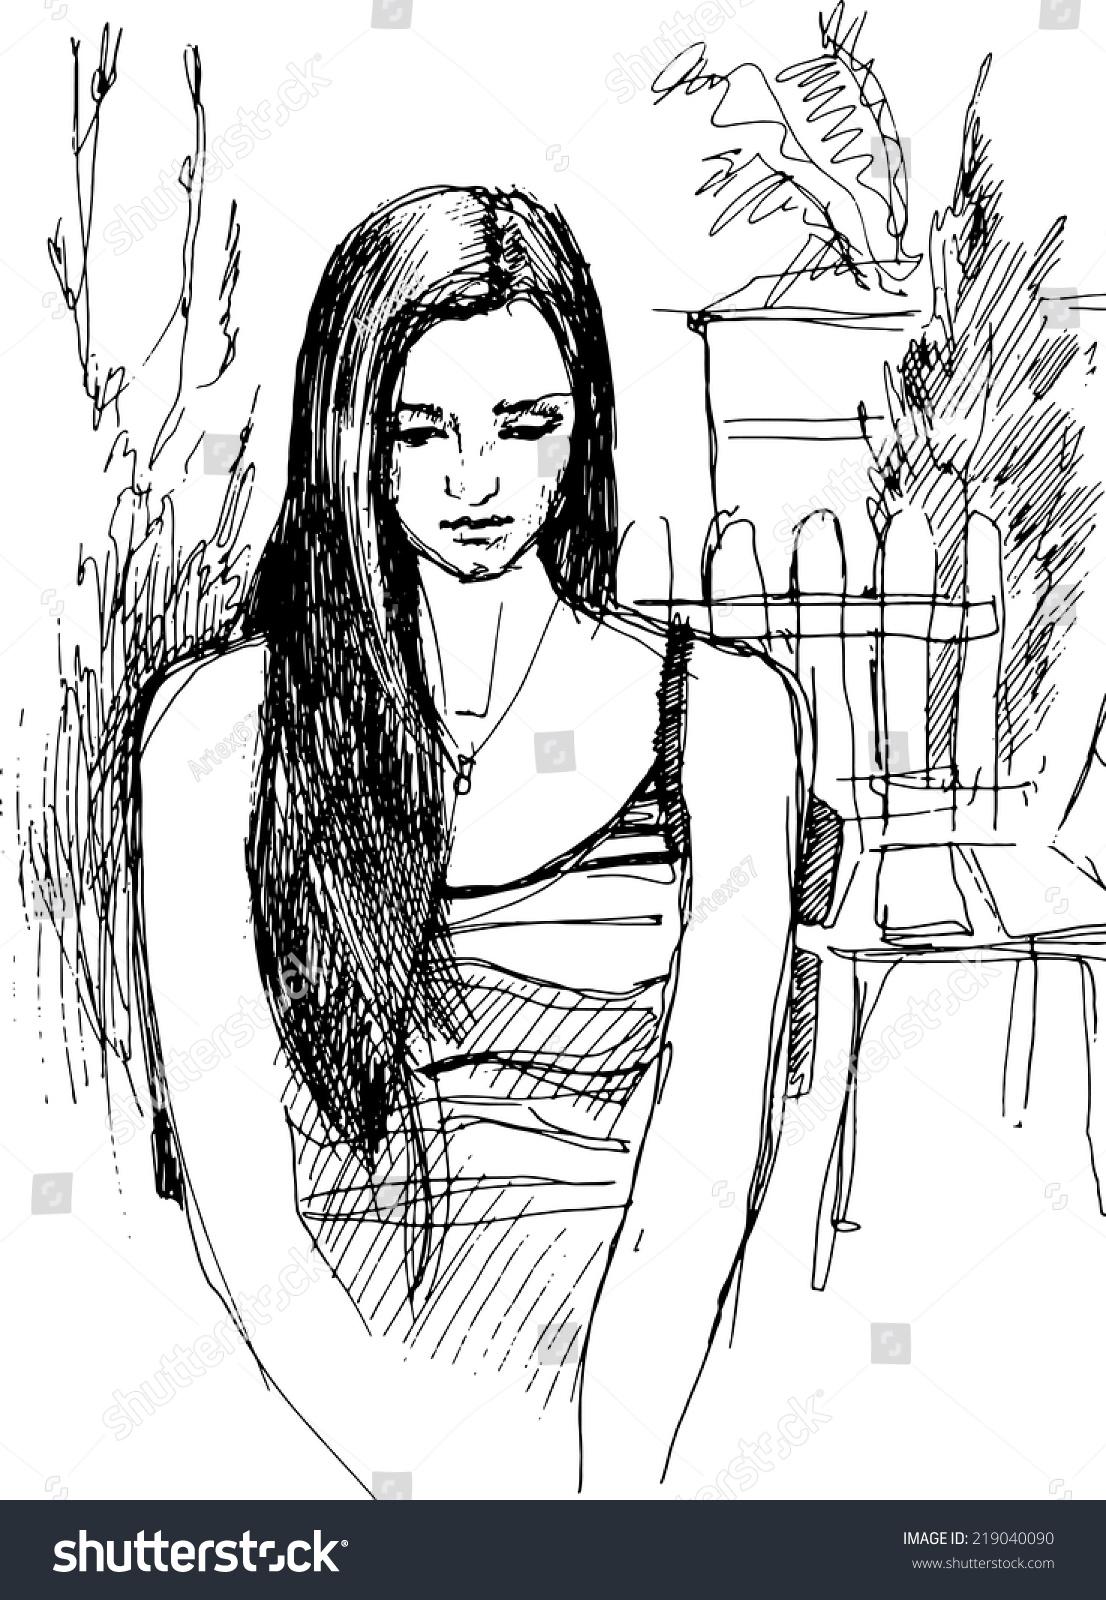 黑白配图简约手绘